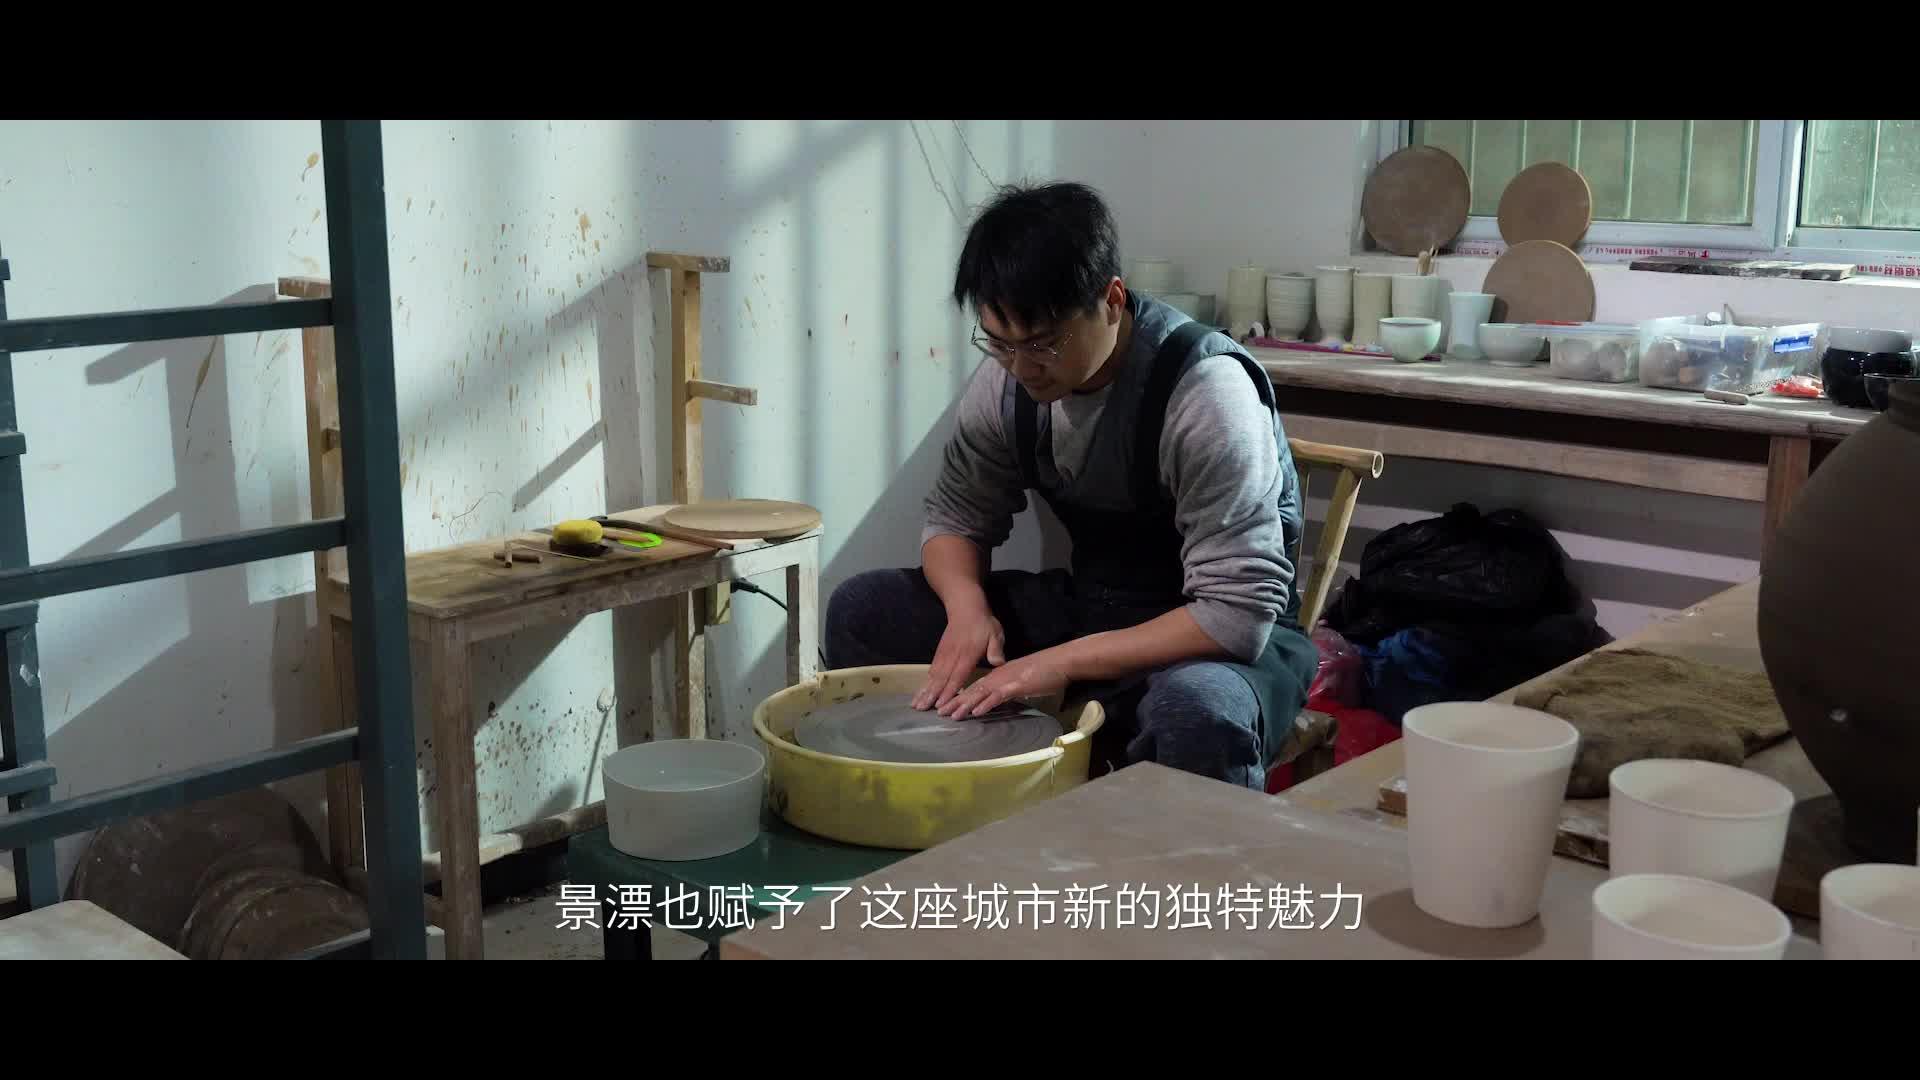 守艺中国之景德镇篇:柴烧匠人九烧 01